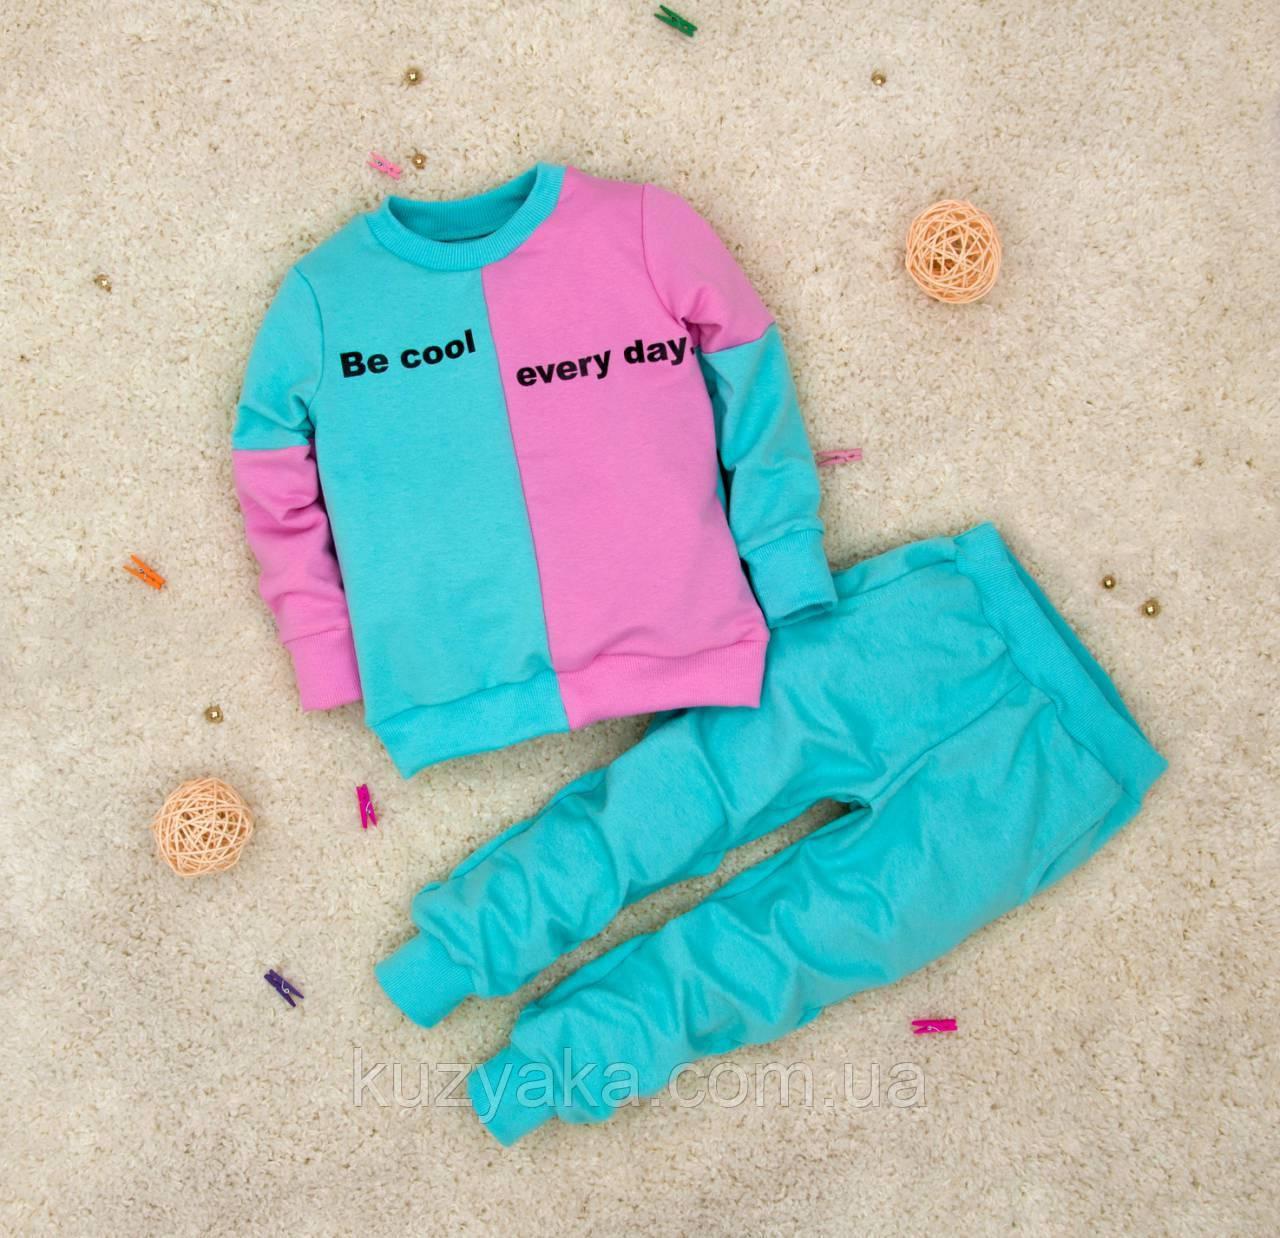 Детский костюм для девочки BEE COOL на 1,5 - 7 лет